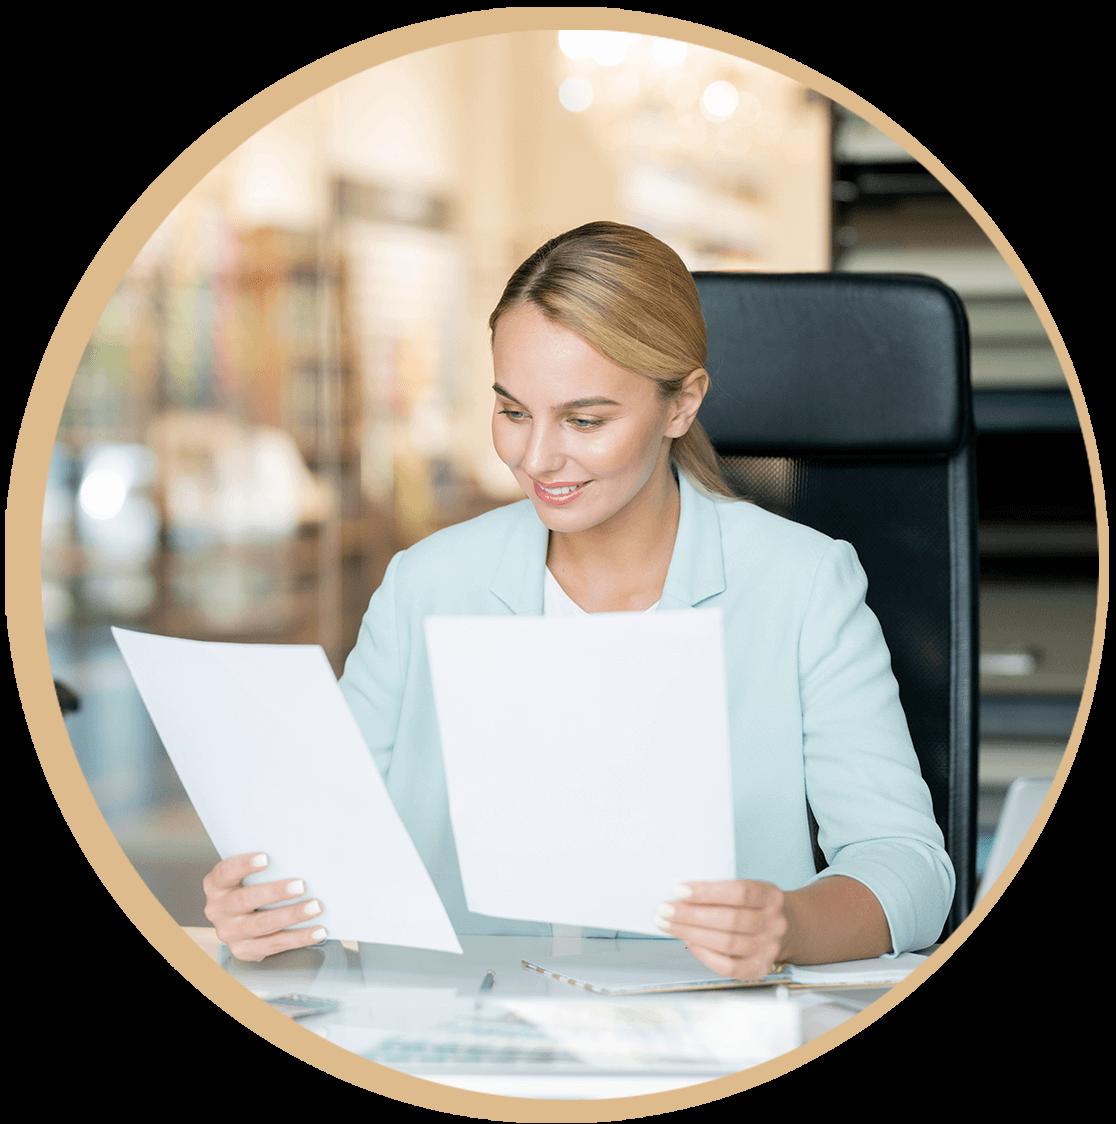 expertos-en-textos-medicos-de-energia-y-de-negocios